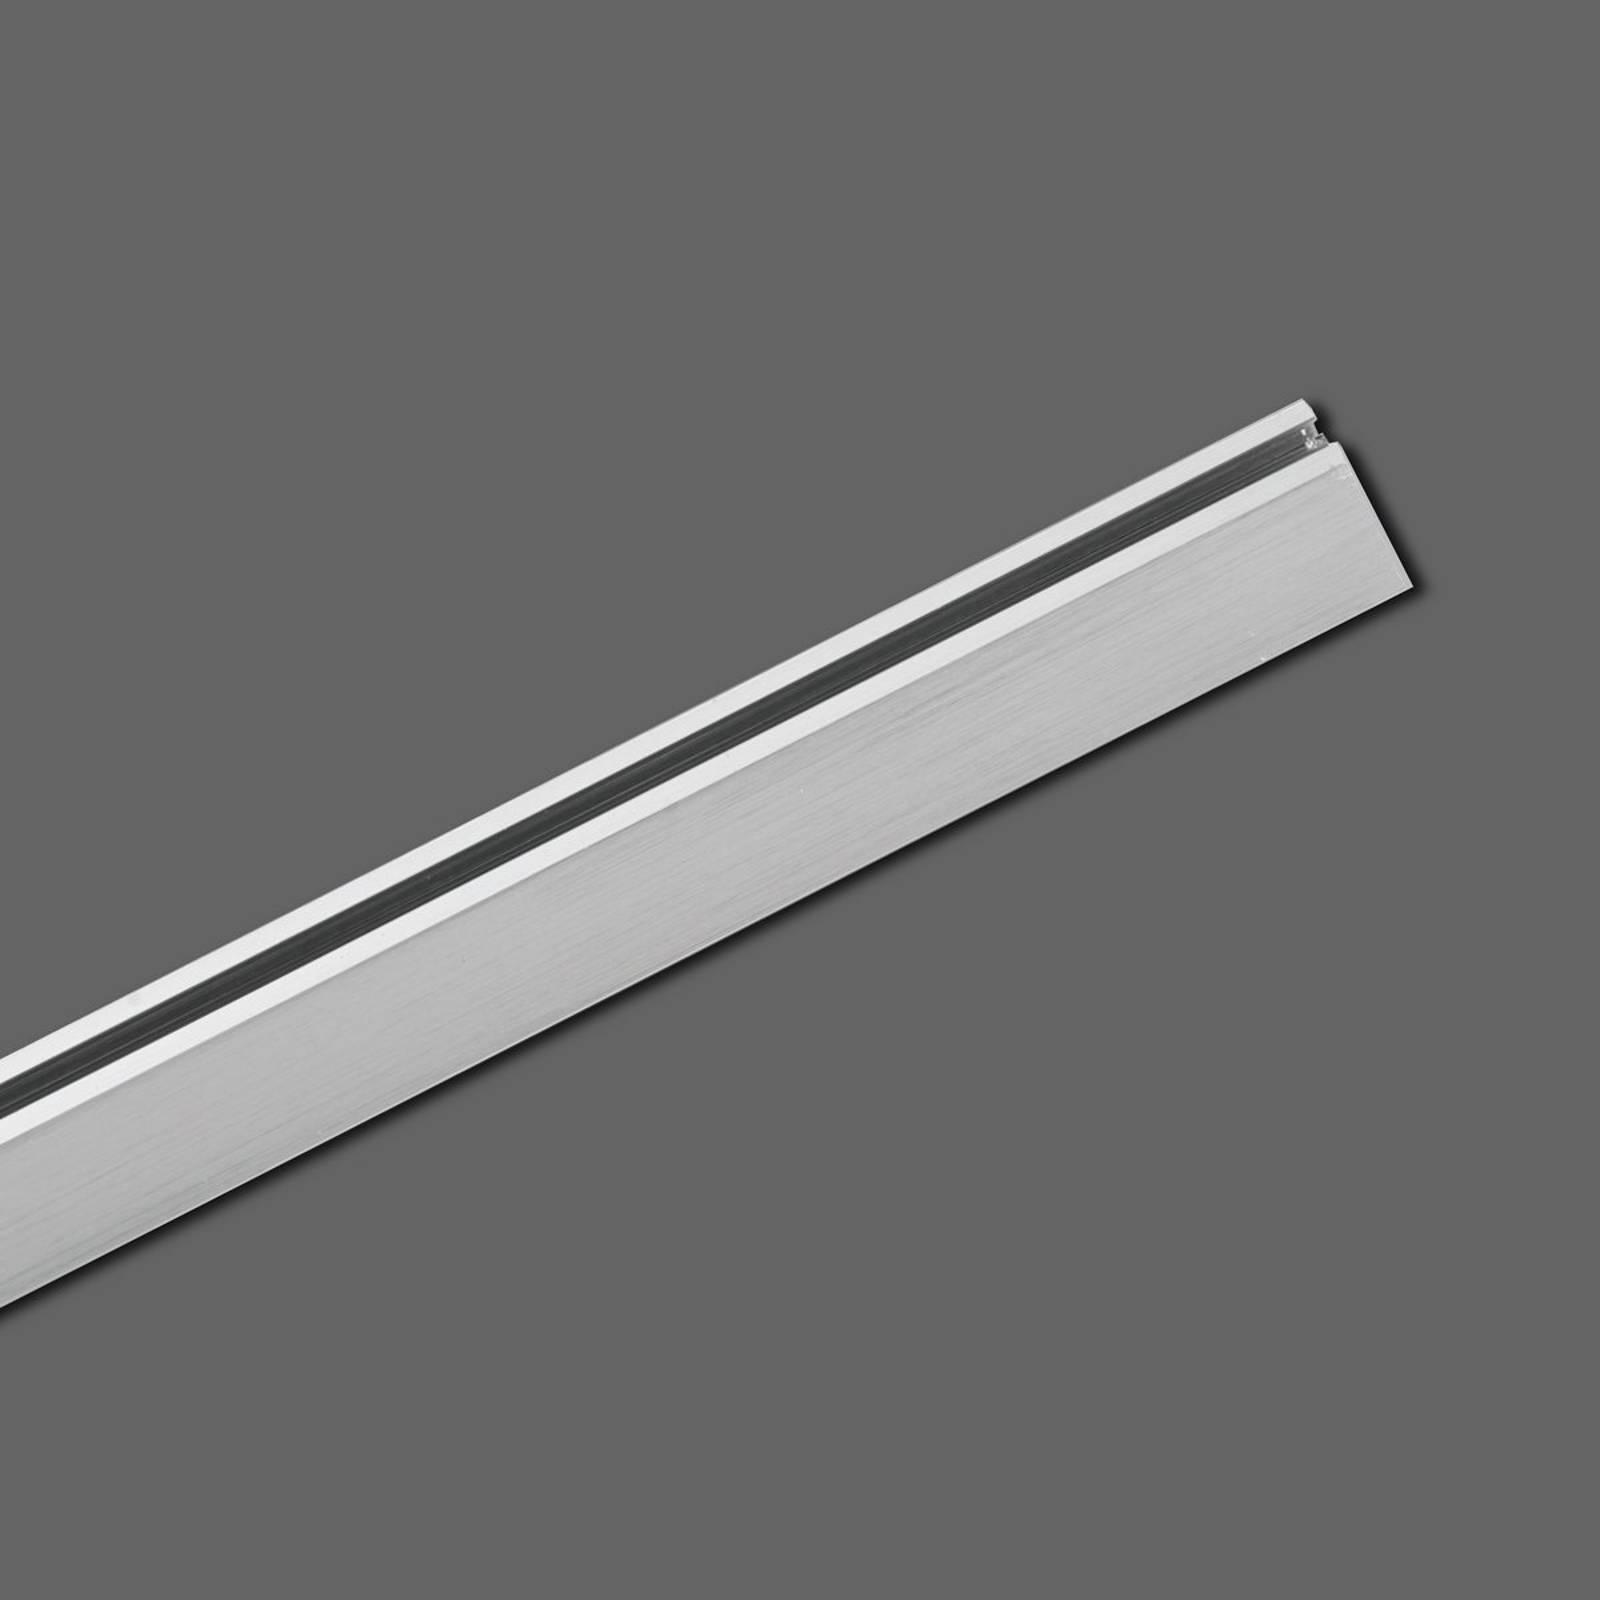 FISCHER & HONSEL 2fázová kolejnice HV-track4 m6, 60 cm